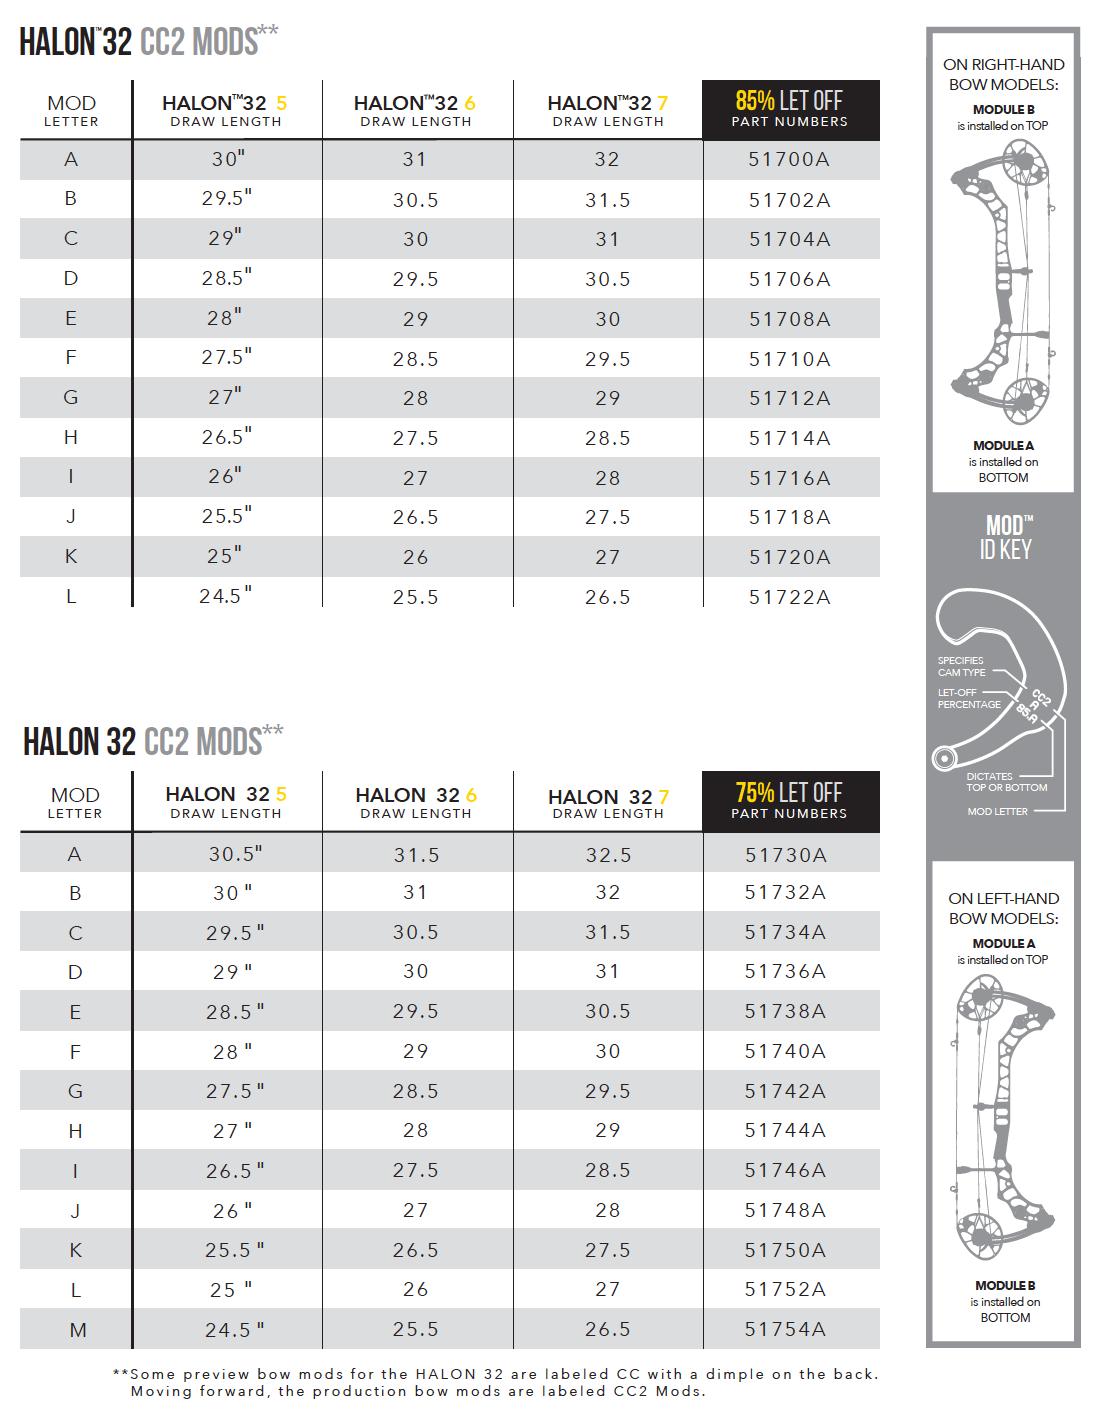 Mathews Triax Halon 32 Modules Draw Length Kits Nanango Archery